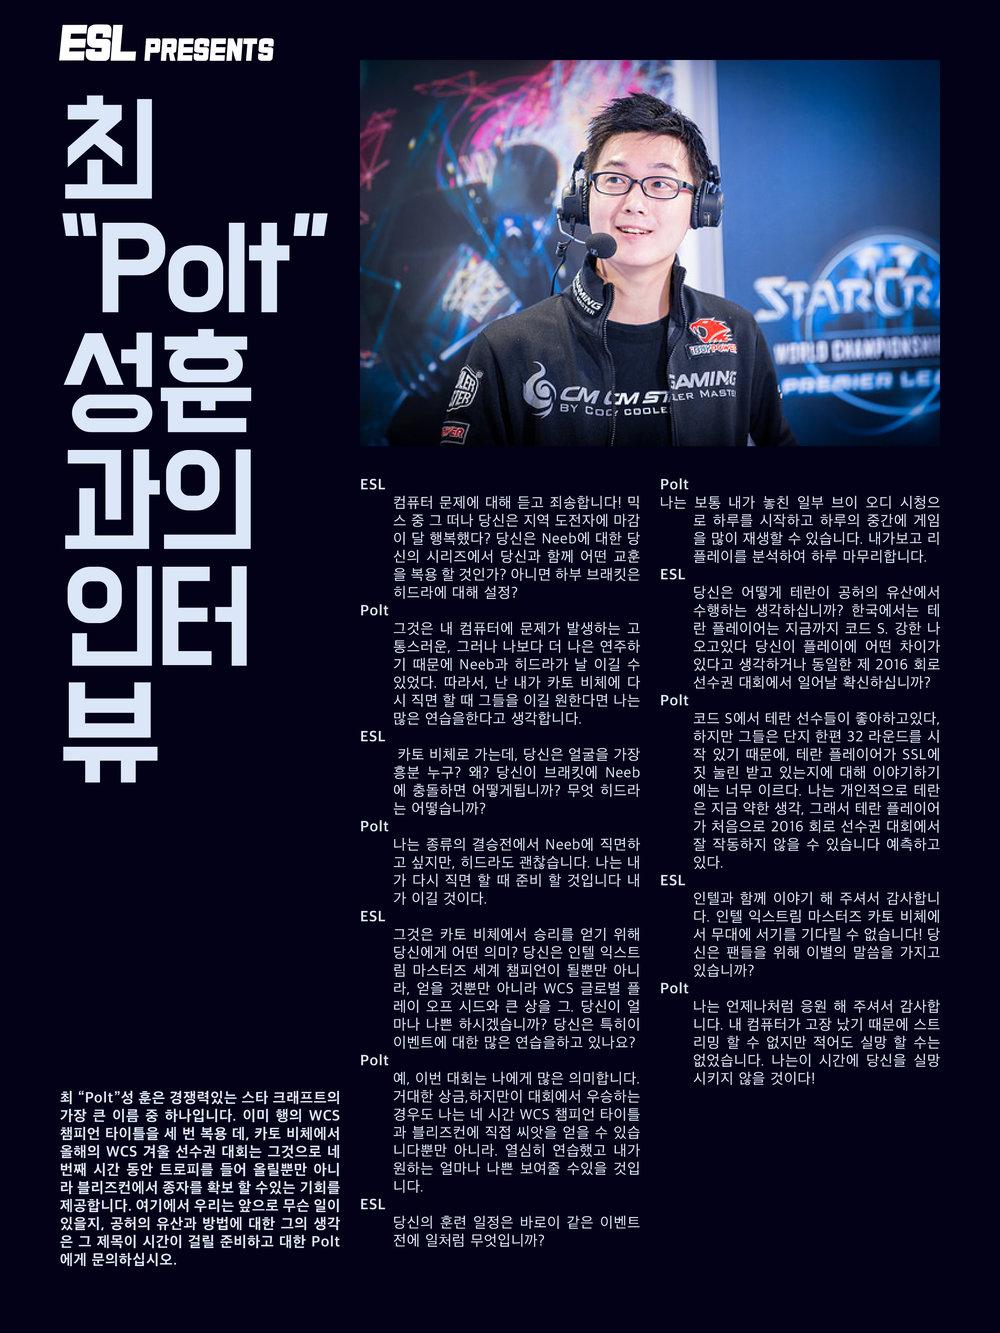 Korean an interview with Polt.jpg